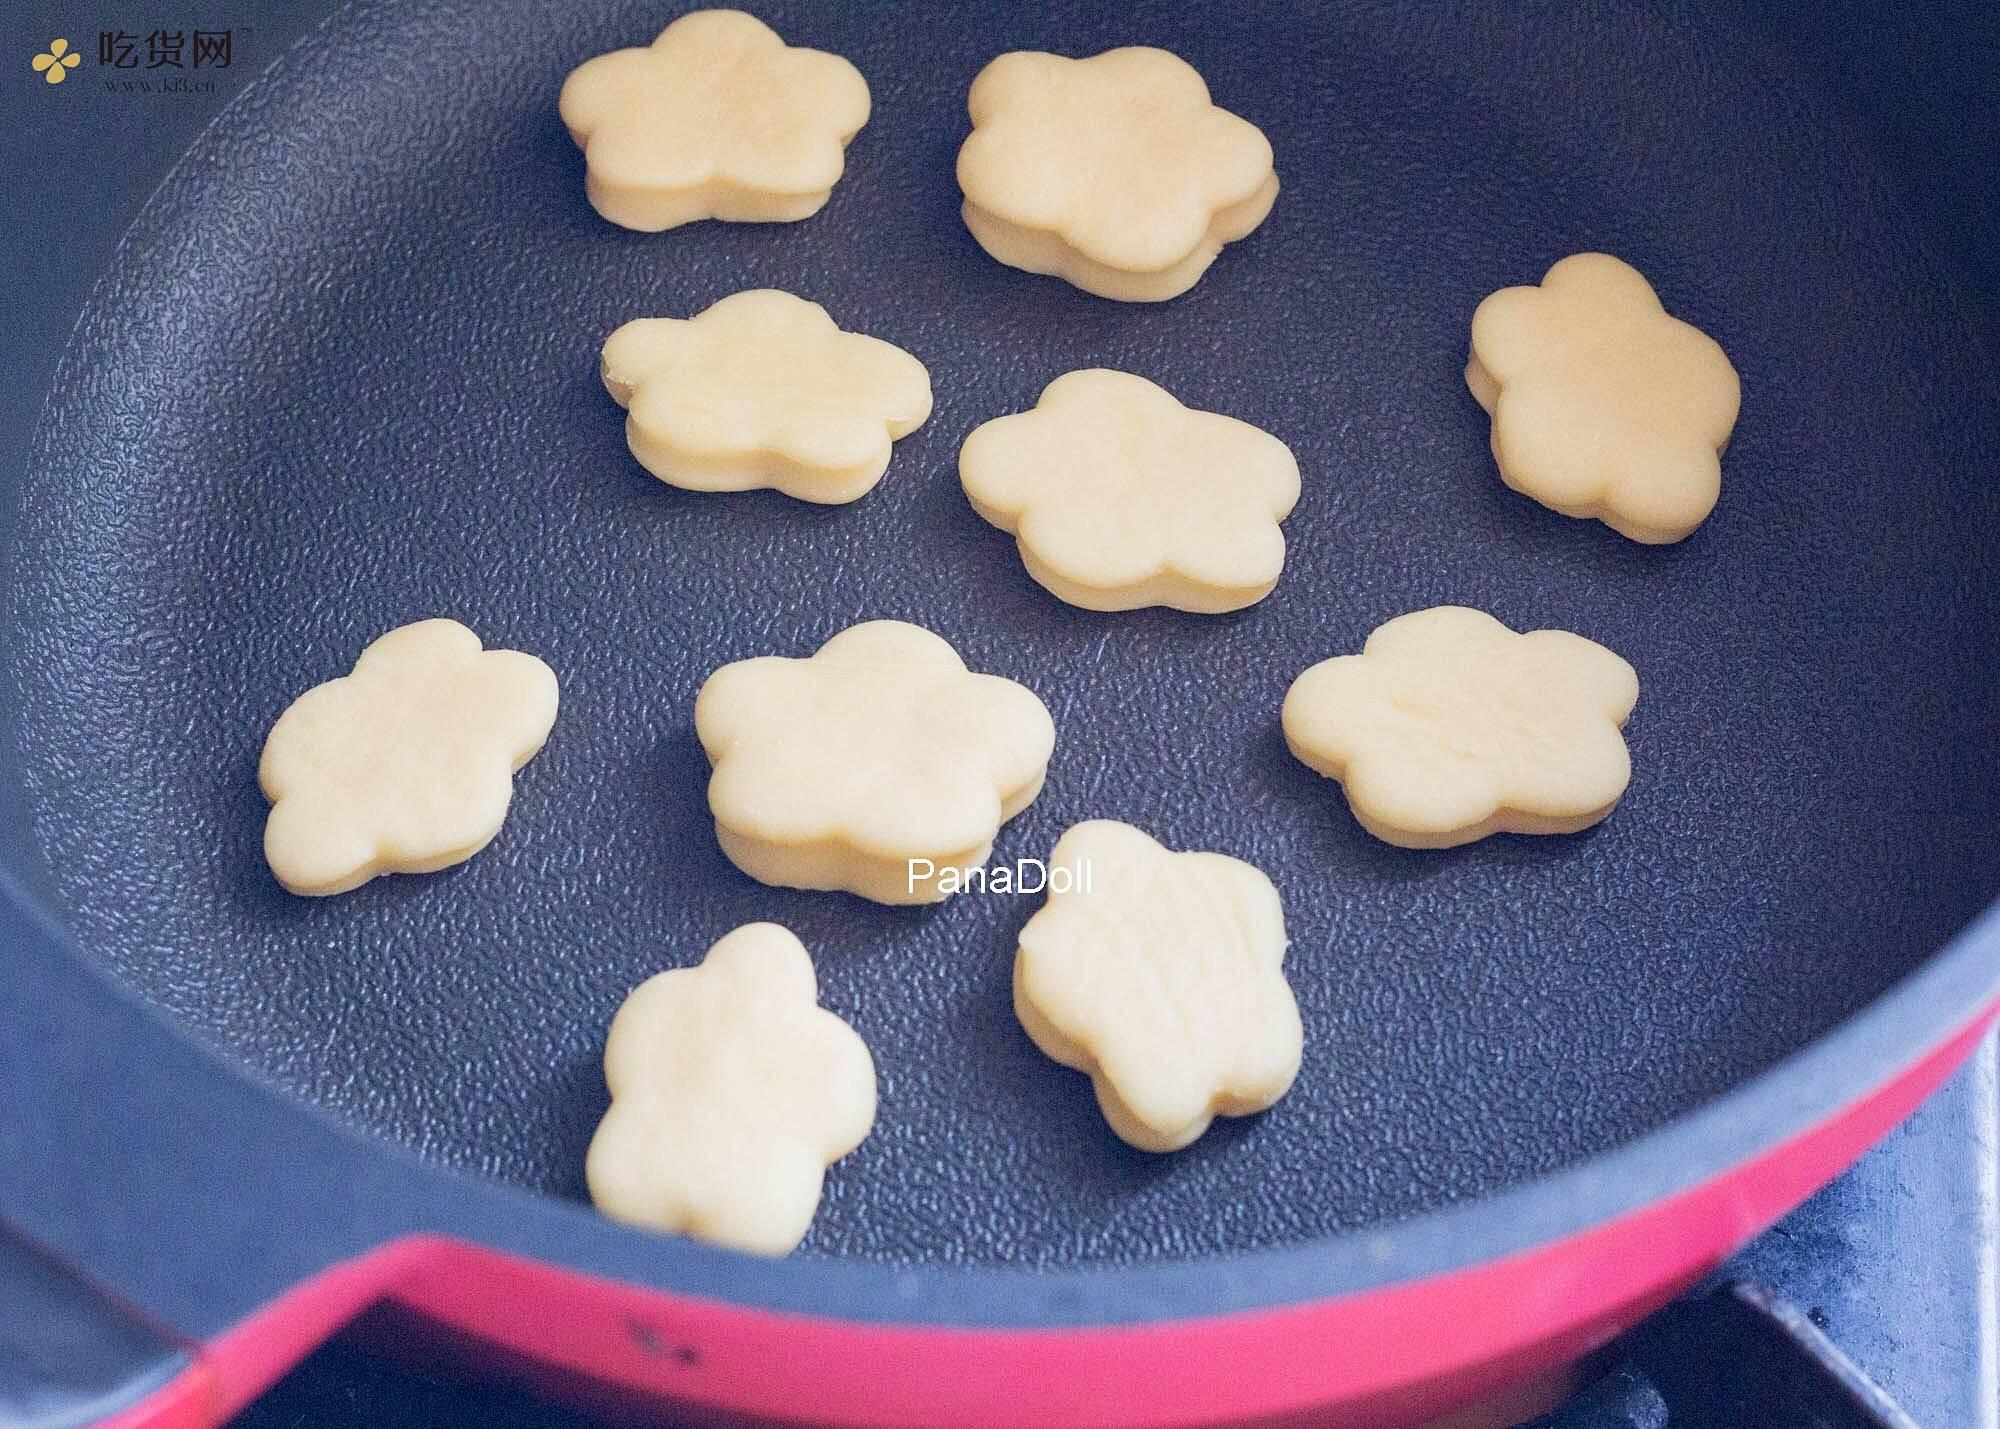 无水无油免烤箱,宝宝也爱吃的小星星面包✨的做法 步骤6